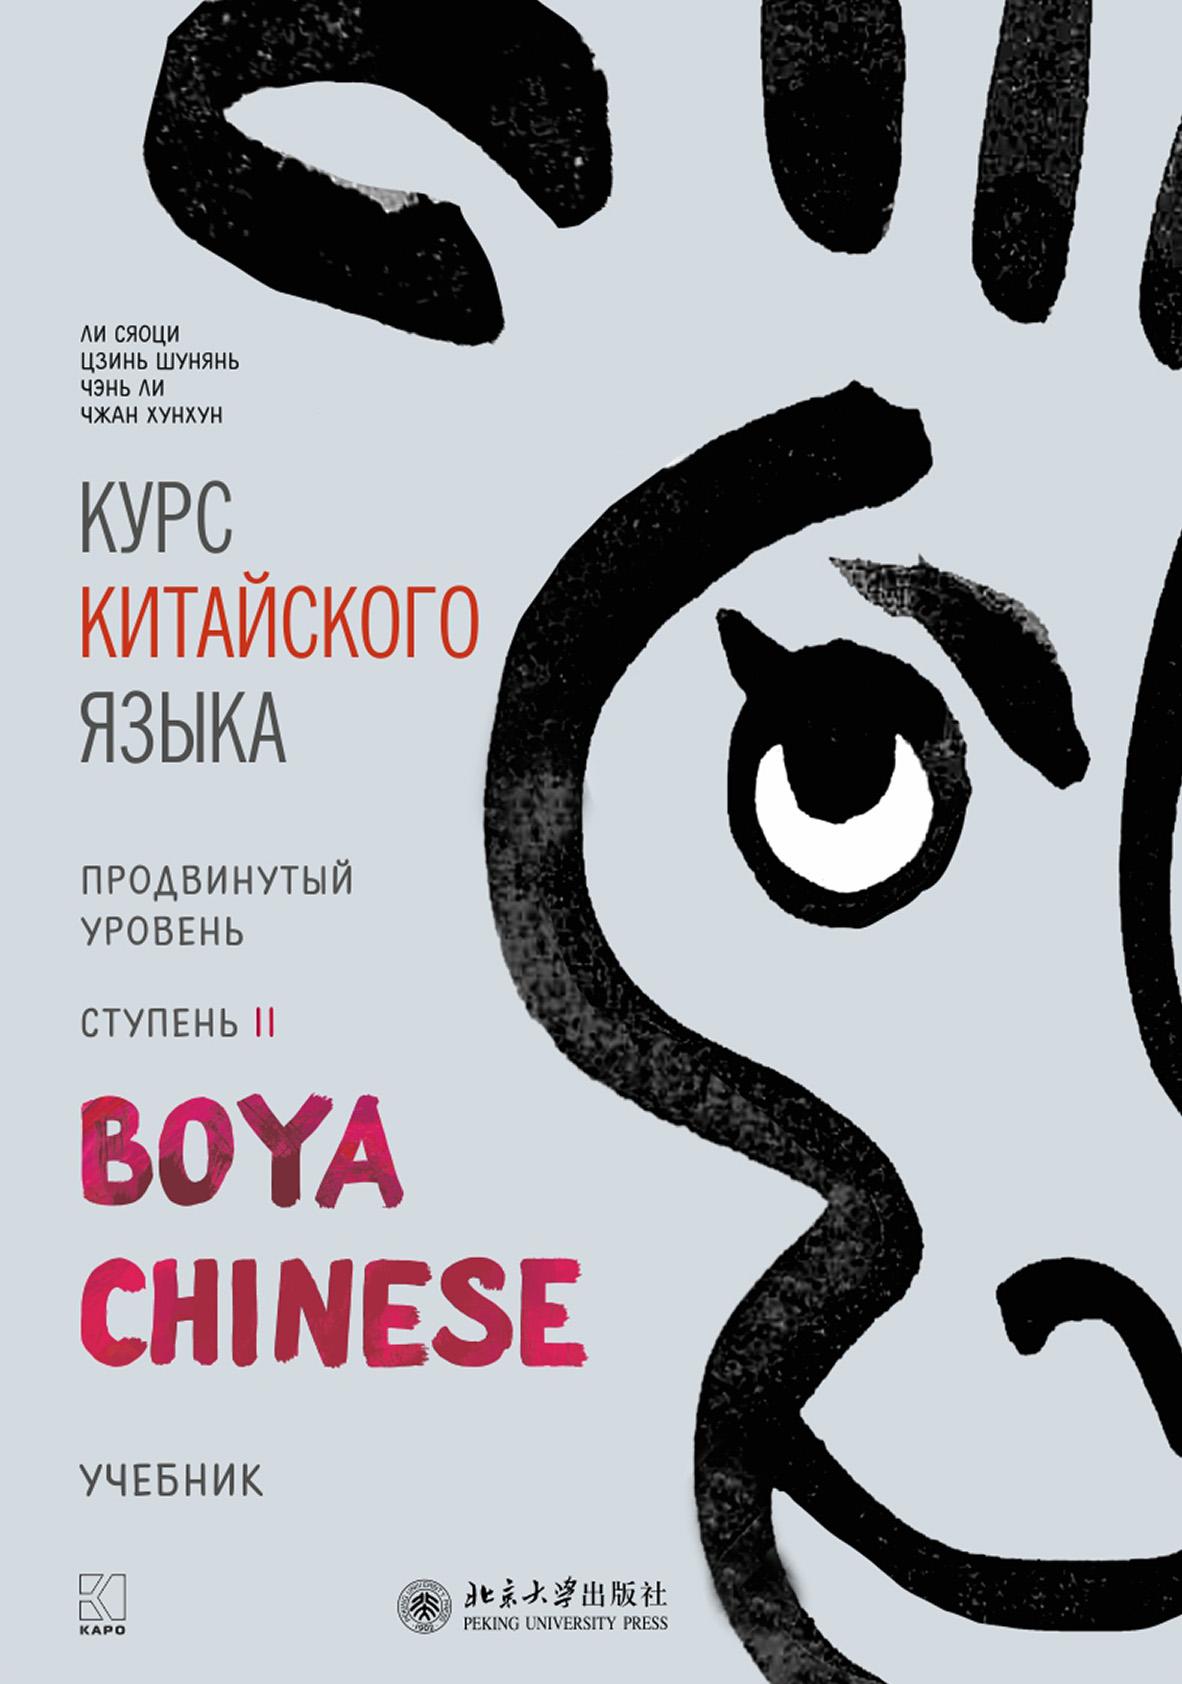 Курс китайского языка «Boya Chinese». Продвинутый уровень. Ступень II